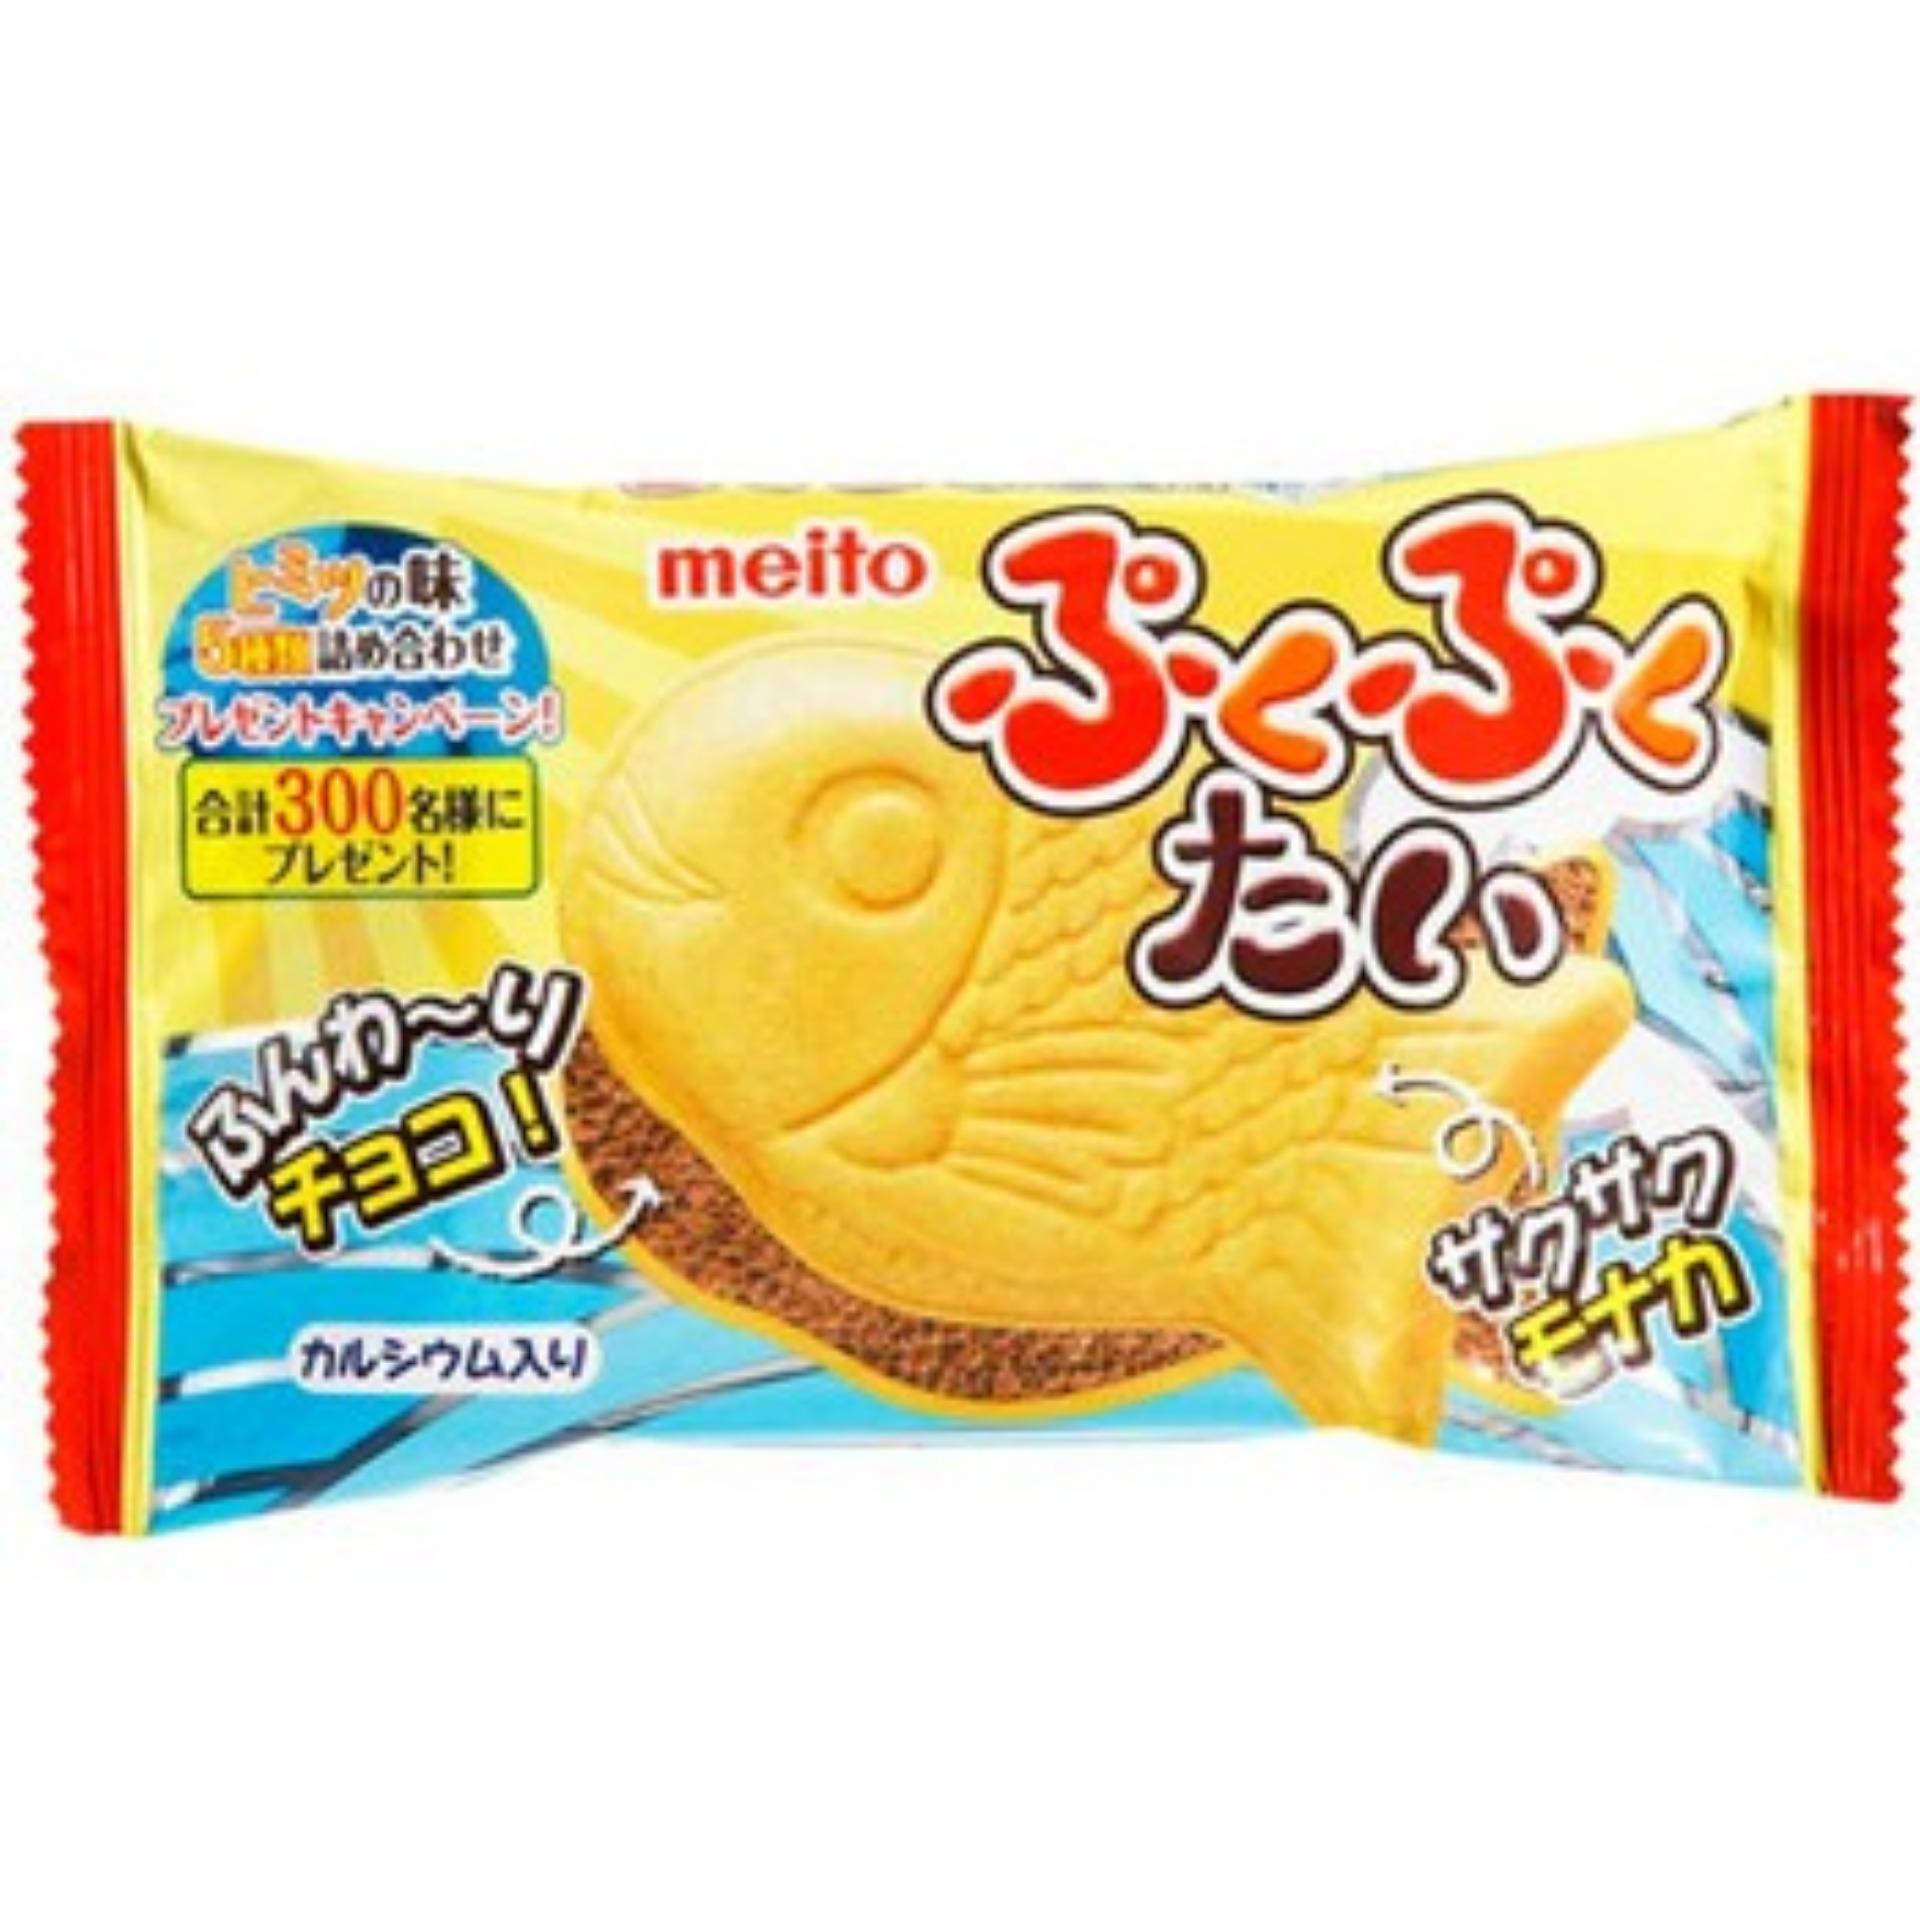 Kem không lạnh Taiyaki vị Chocolate